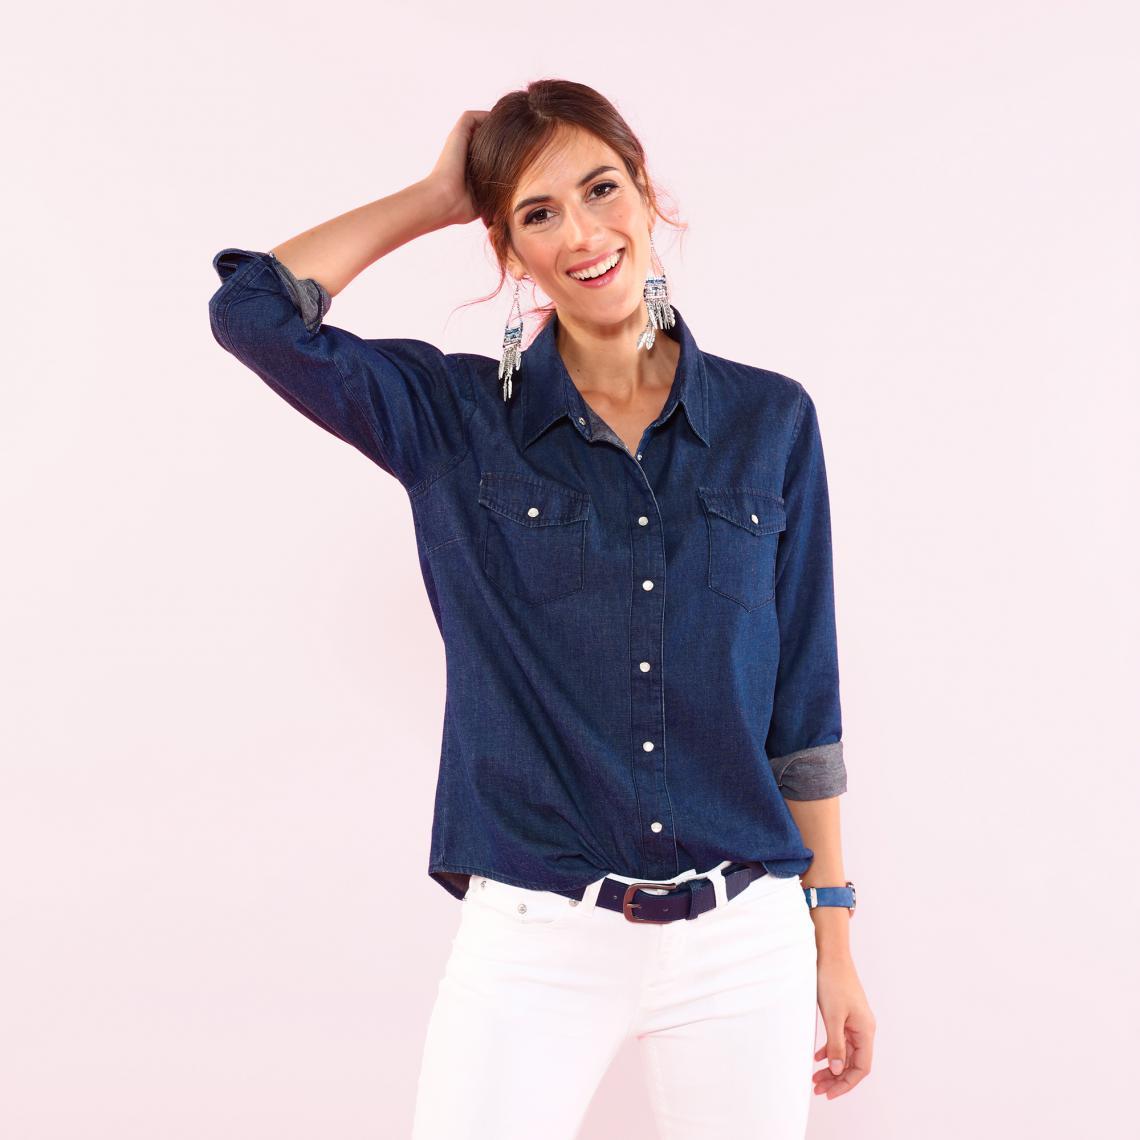 Chemise en jean à pressions manches longues femme Bleu foncé 1 Avis Plus de détails